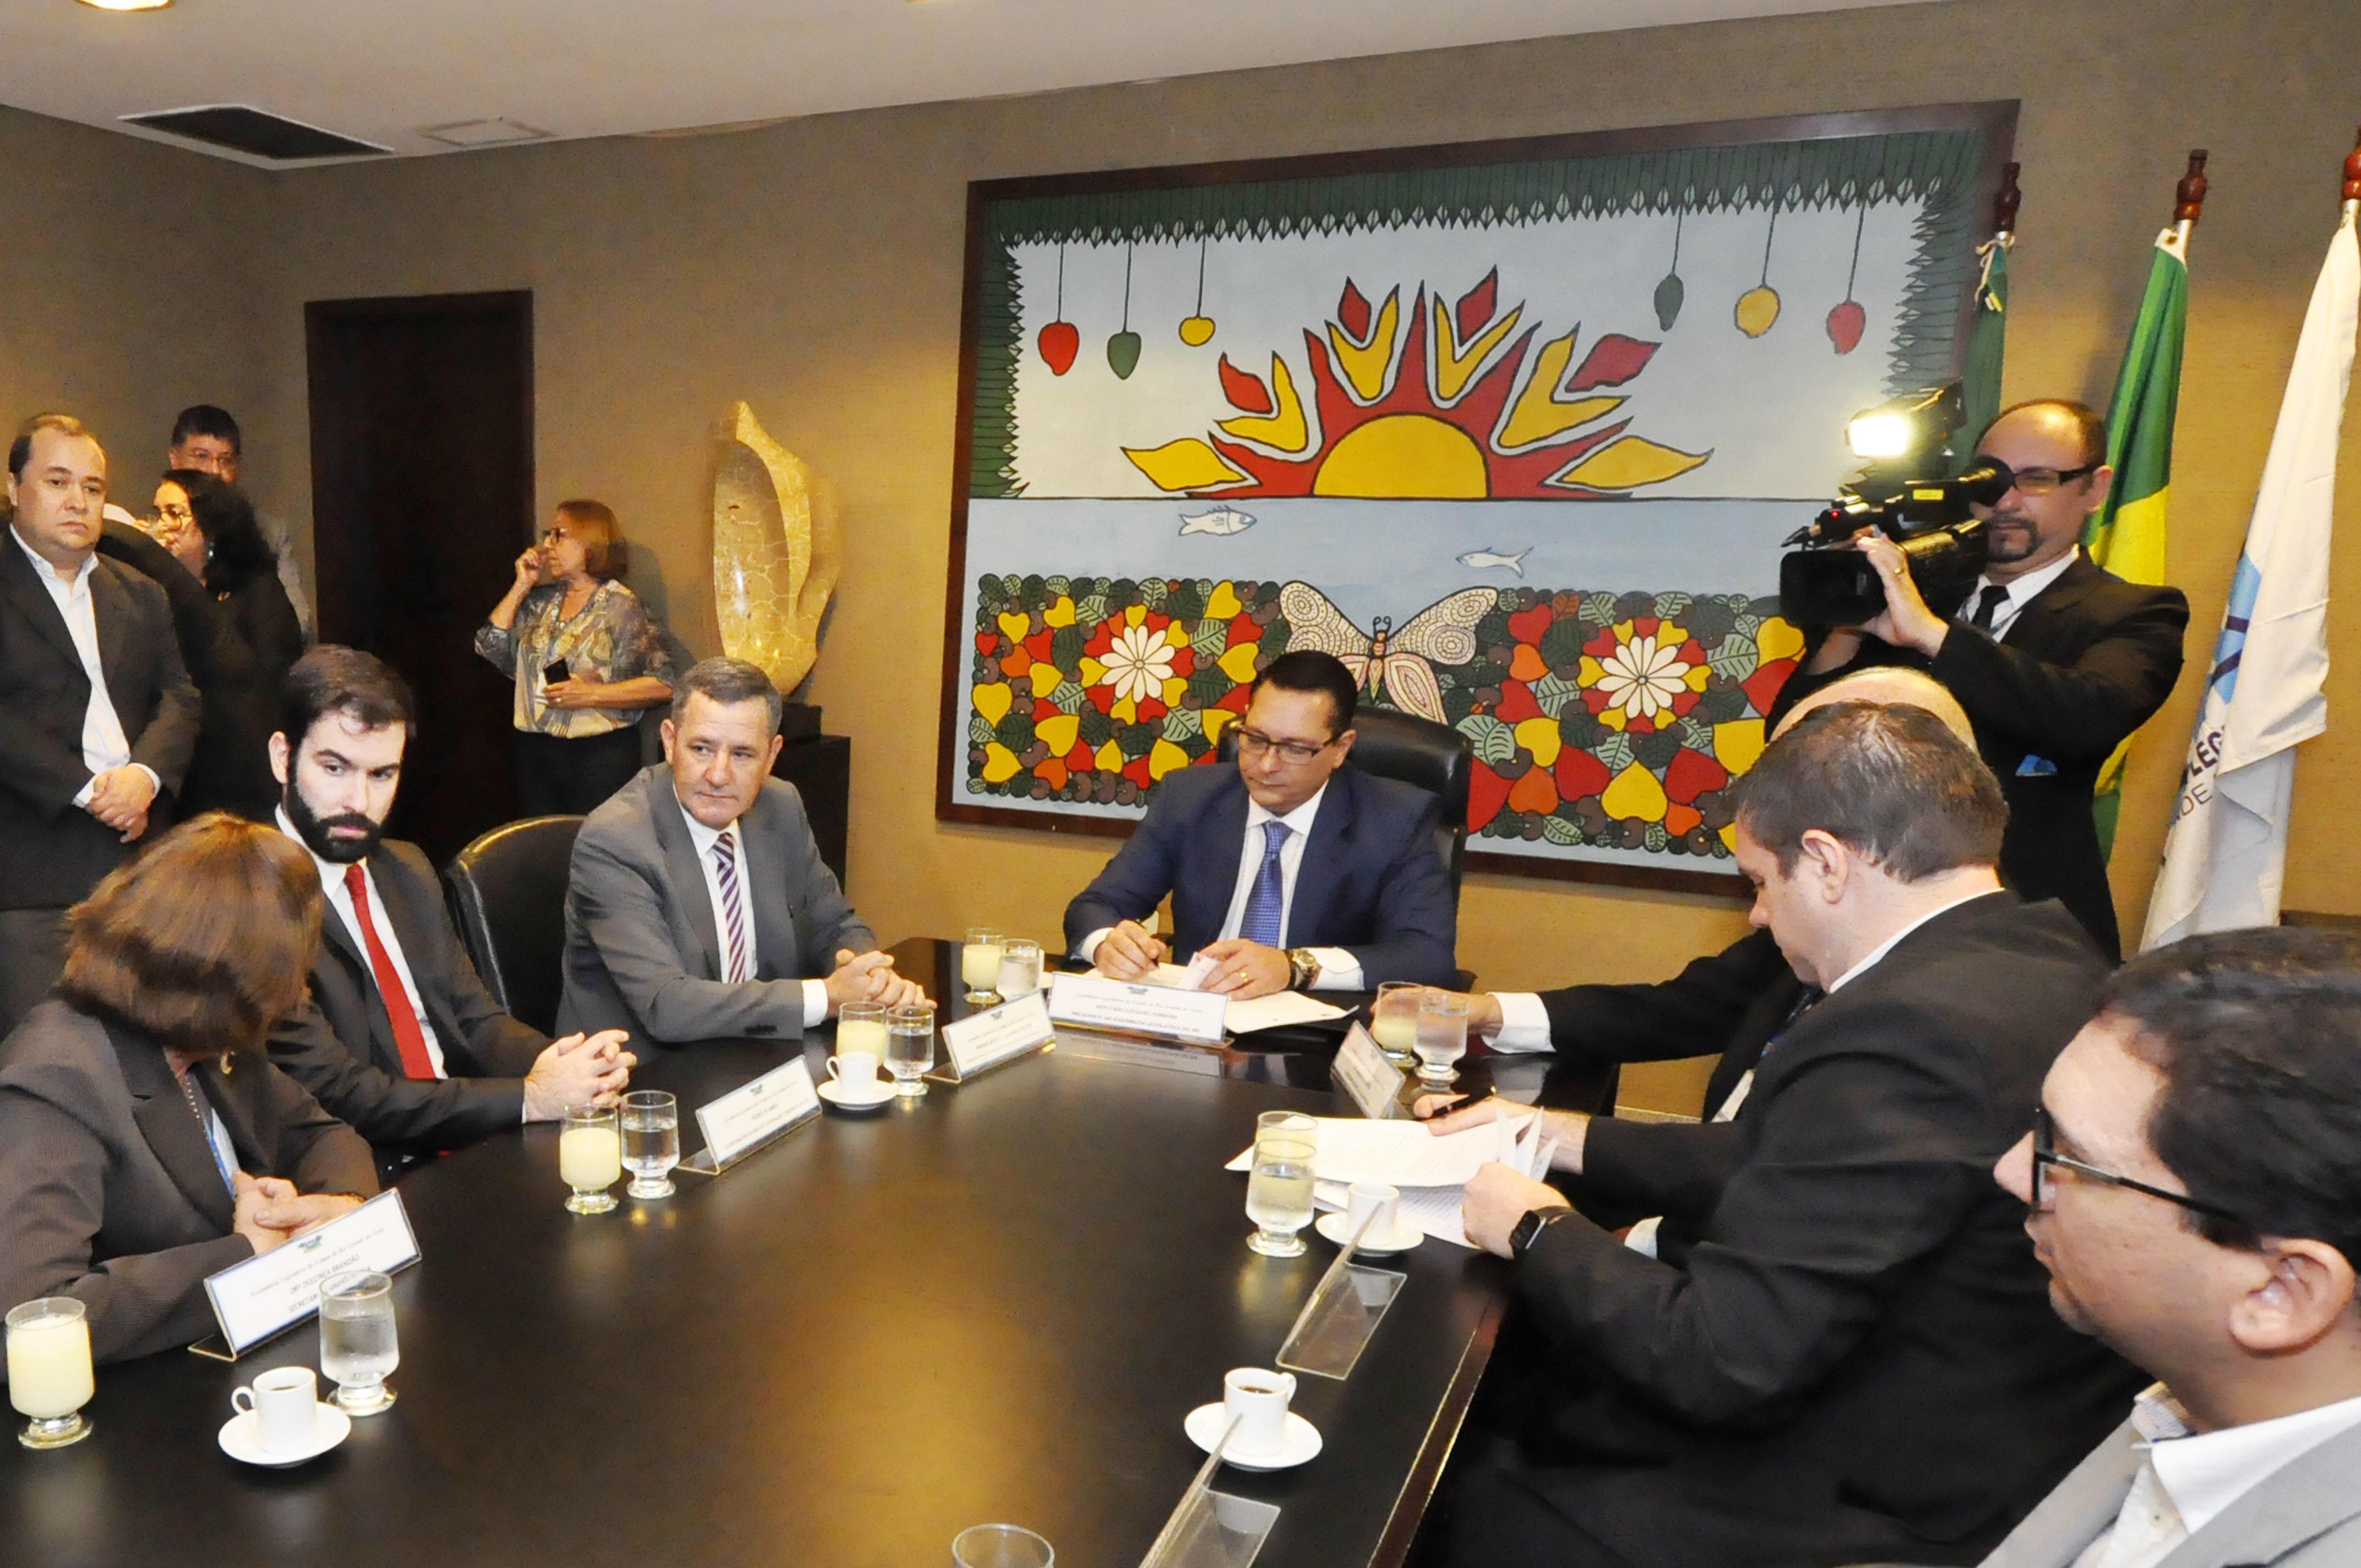 Presidente da Assembleia assina convênio com Universidade de Lisboa para mestrado e doutorado